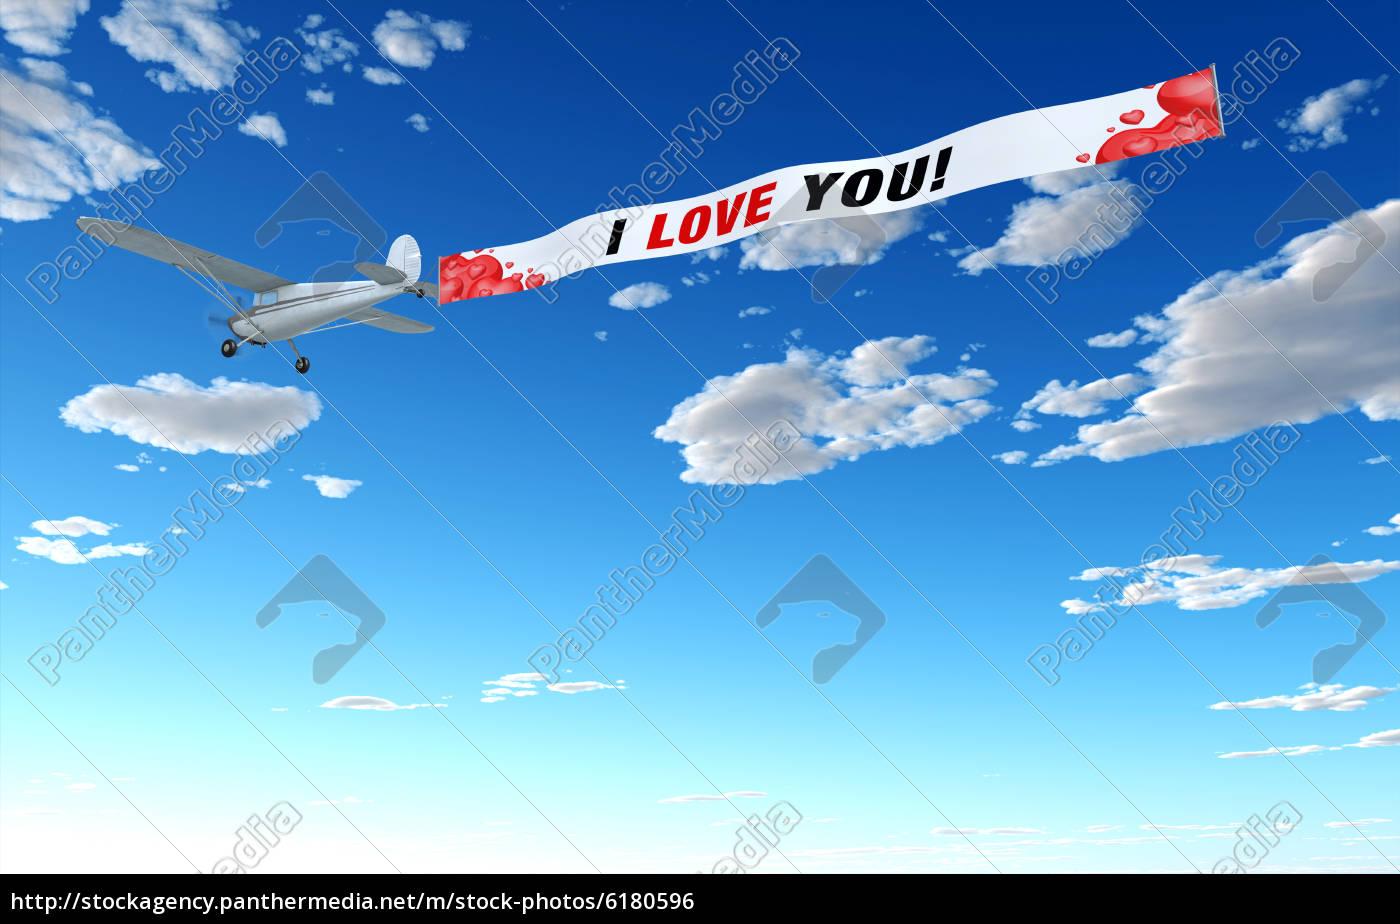 samolot, reklama, -, i, love, u - 6180596